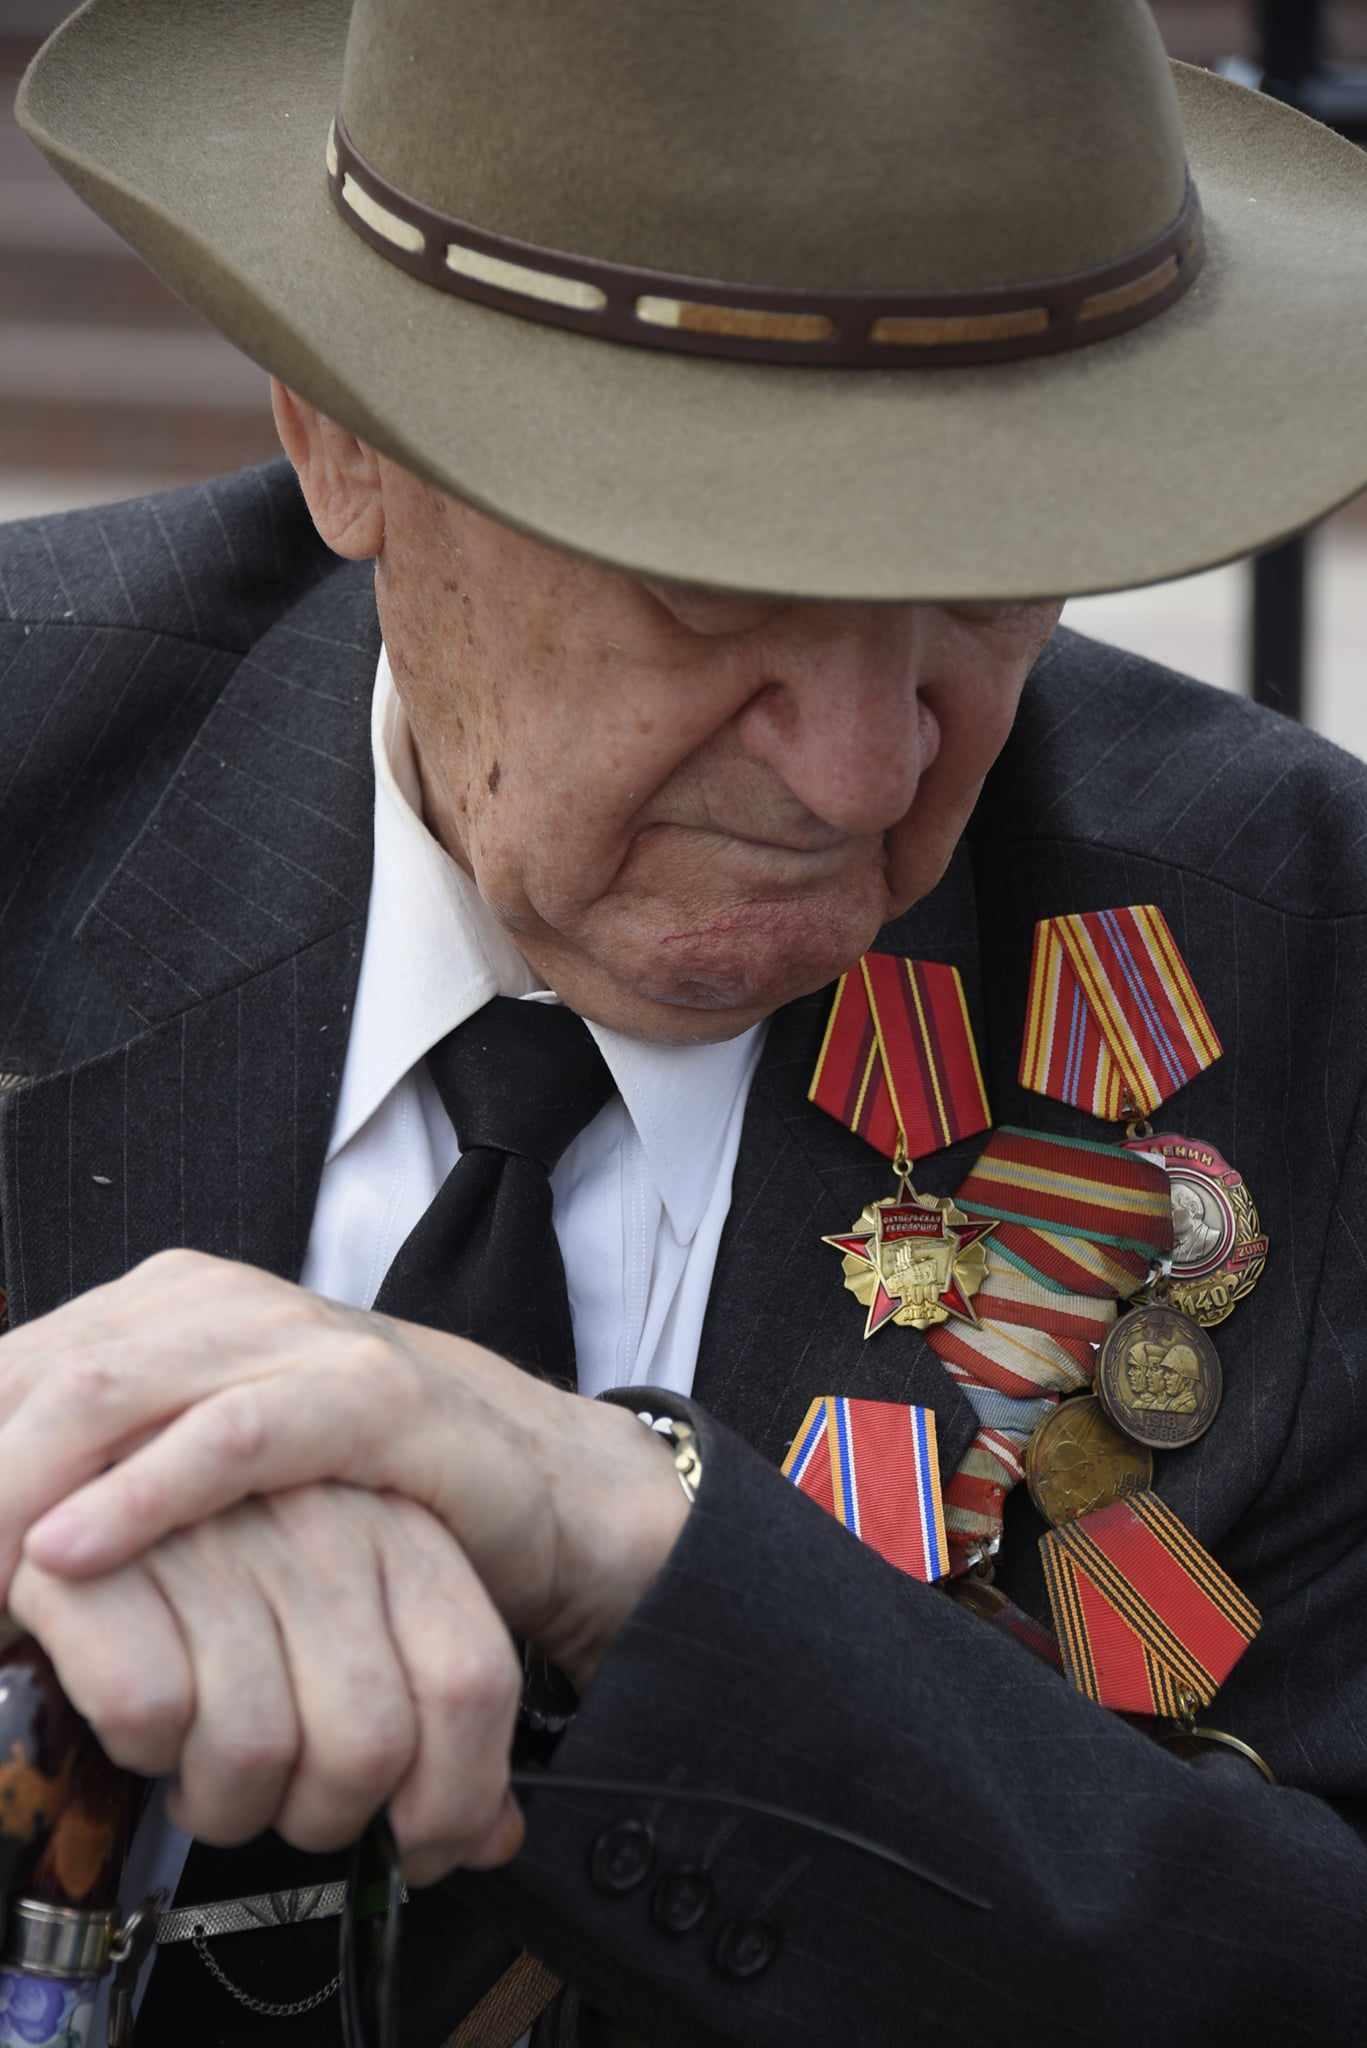 За неуважение к защитникам Отечества и ветеранам Великой Отечественной войны  теперь можно получить реальный срок